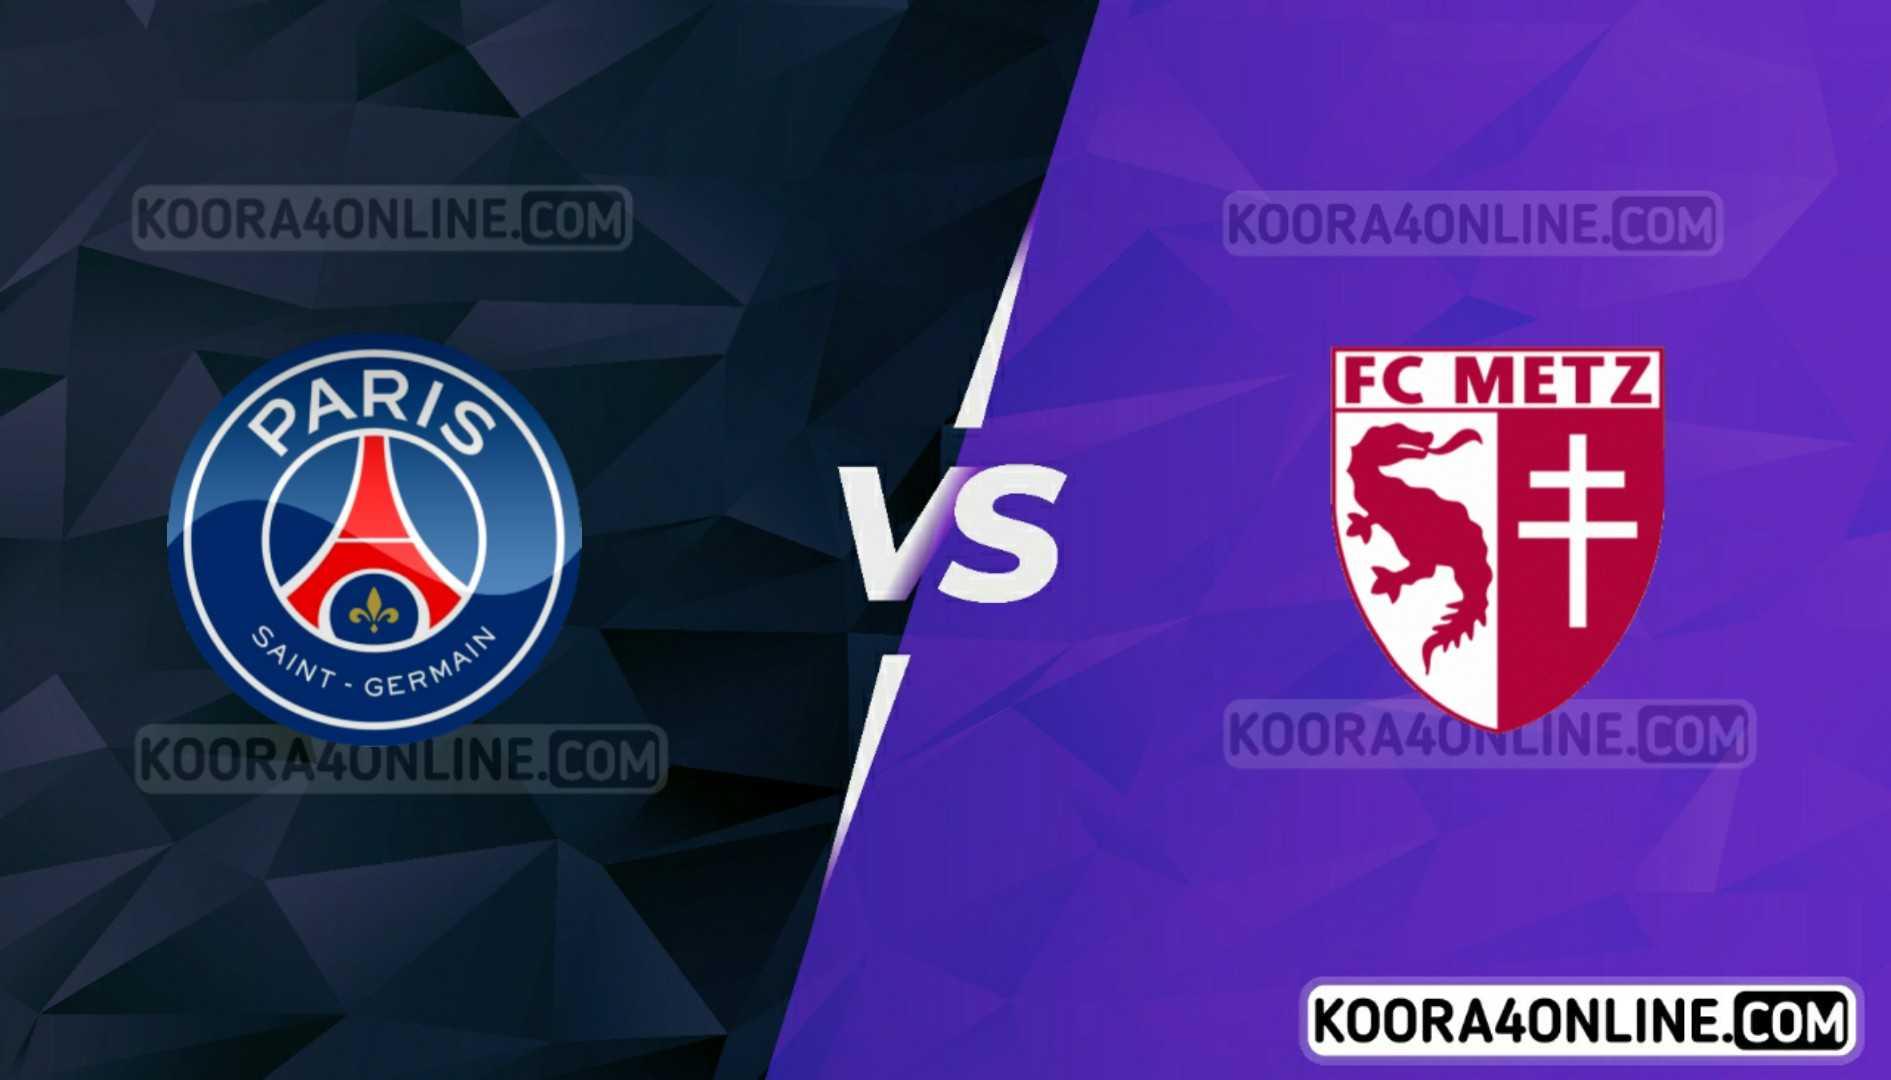 مشاهدة مباراة بي آس جي وميتز القادمة كورة اون لاين بث مباشر اليوم 22-09-2021 في الدوري الفرنسي